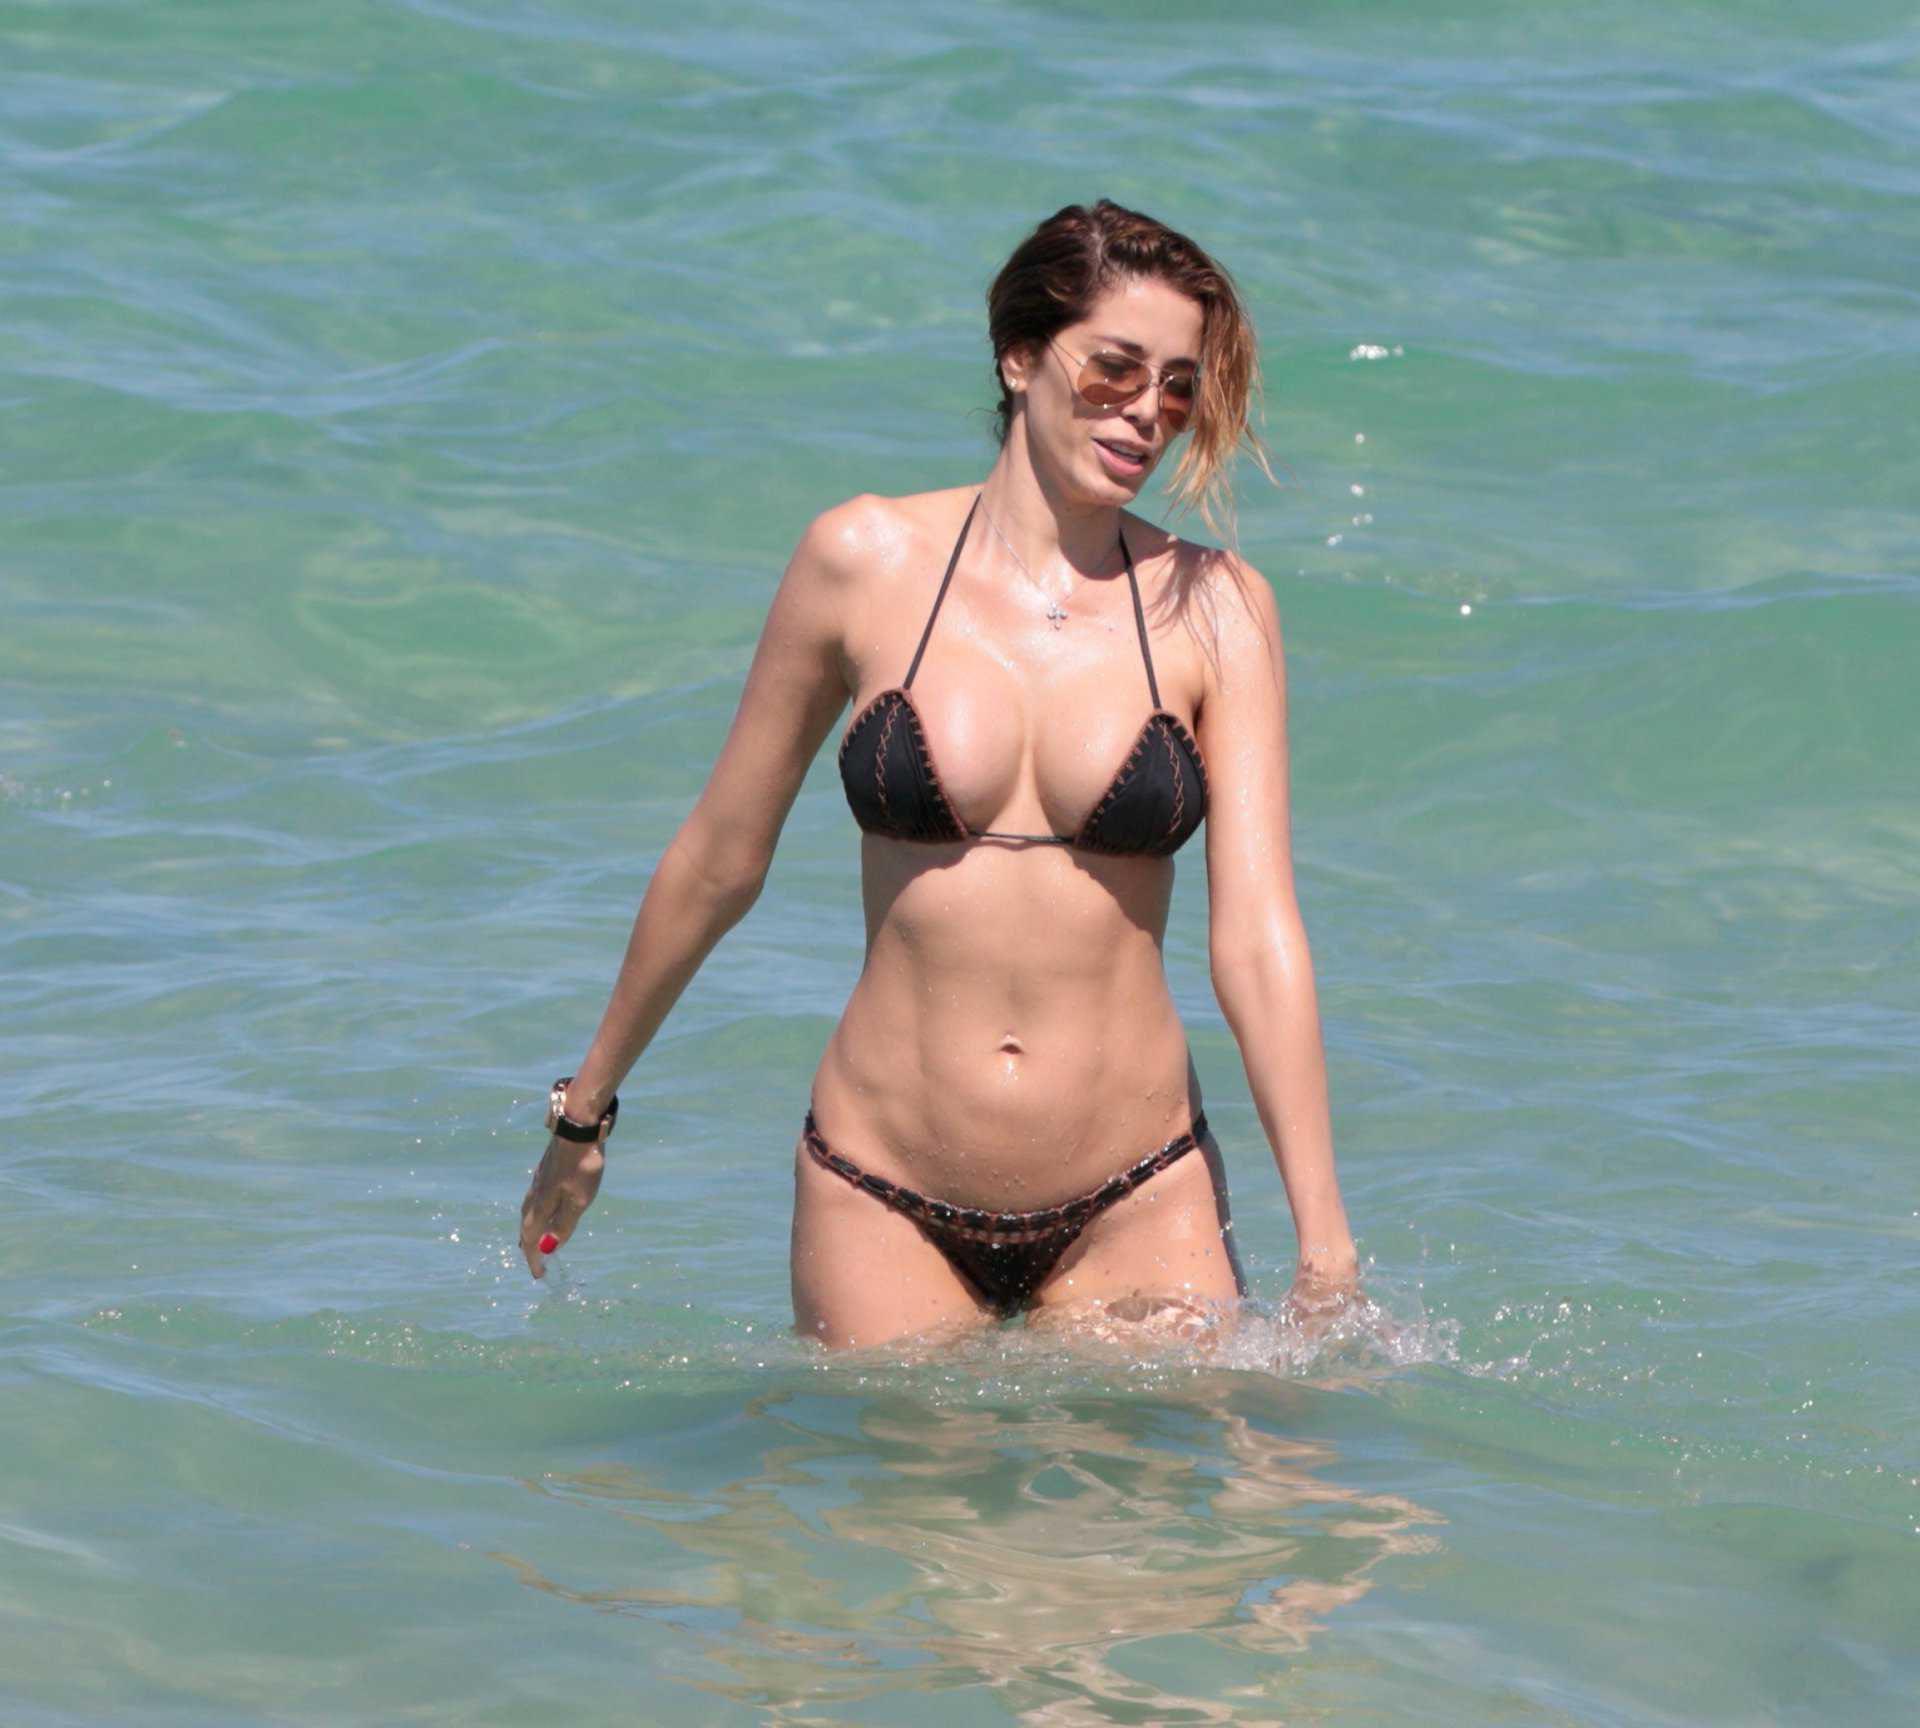 Айда Йеспица фото сессия в купальнике на пляже в Майами